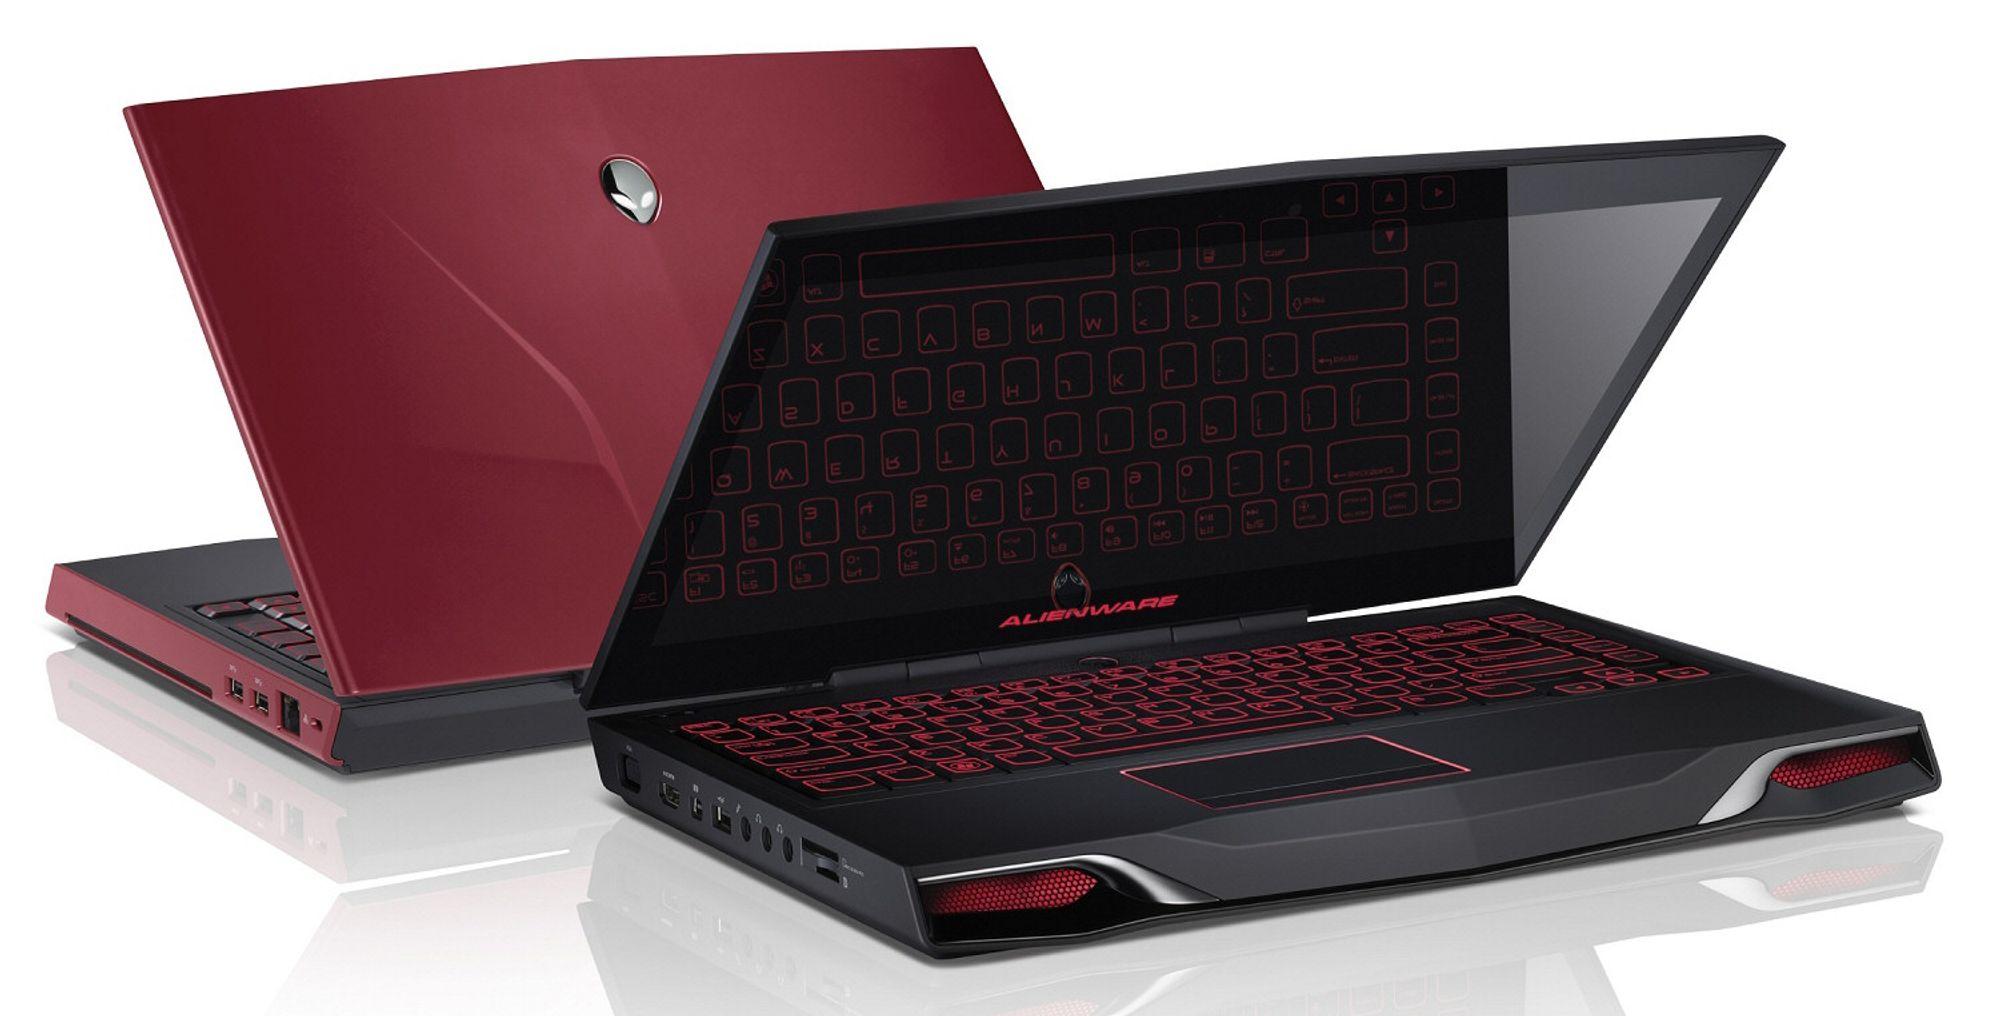 billiger gaming laptop msi gs40 notebooks billiger msi gs73vr 6rfac4k16h52 intel core i7. Black Bedroom Furniture Sets. Home Design Ideas